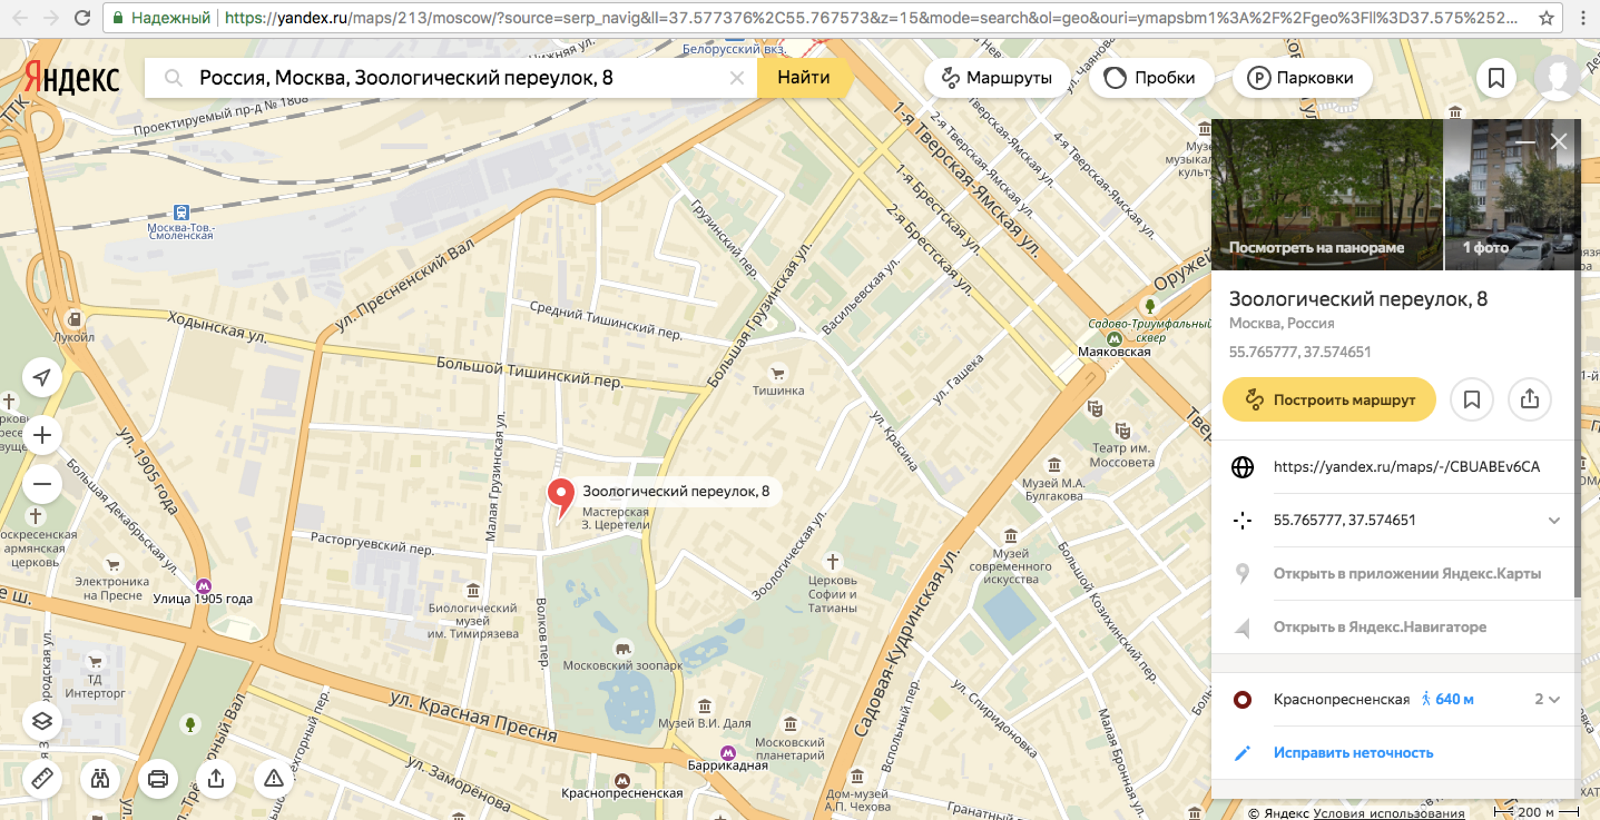 10функций Яндекс.Навигатора, окоторых вымогли не знать— фото 784022